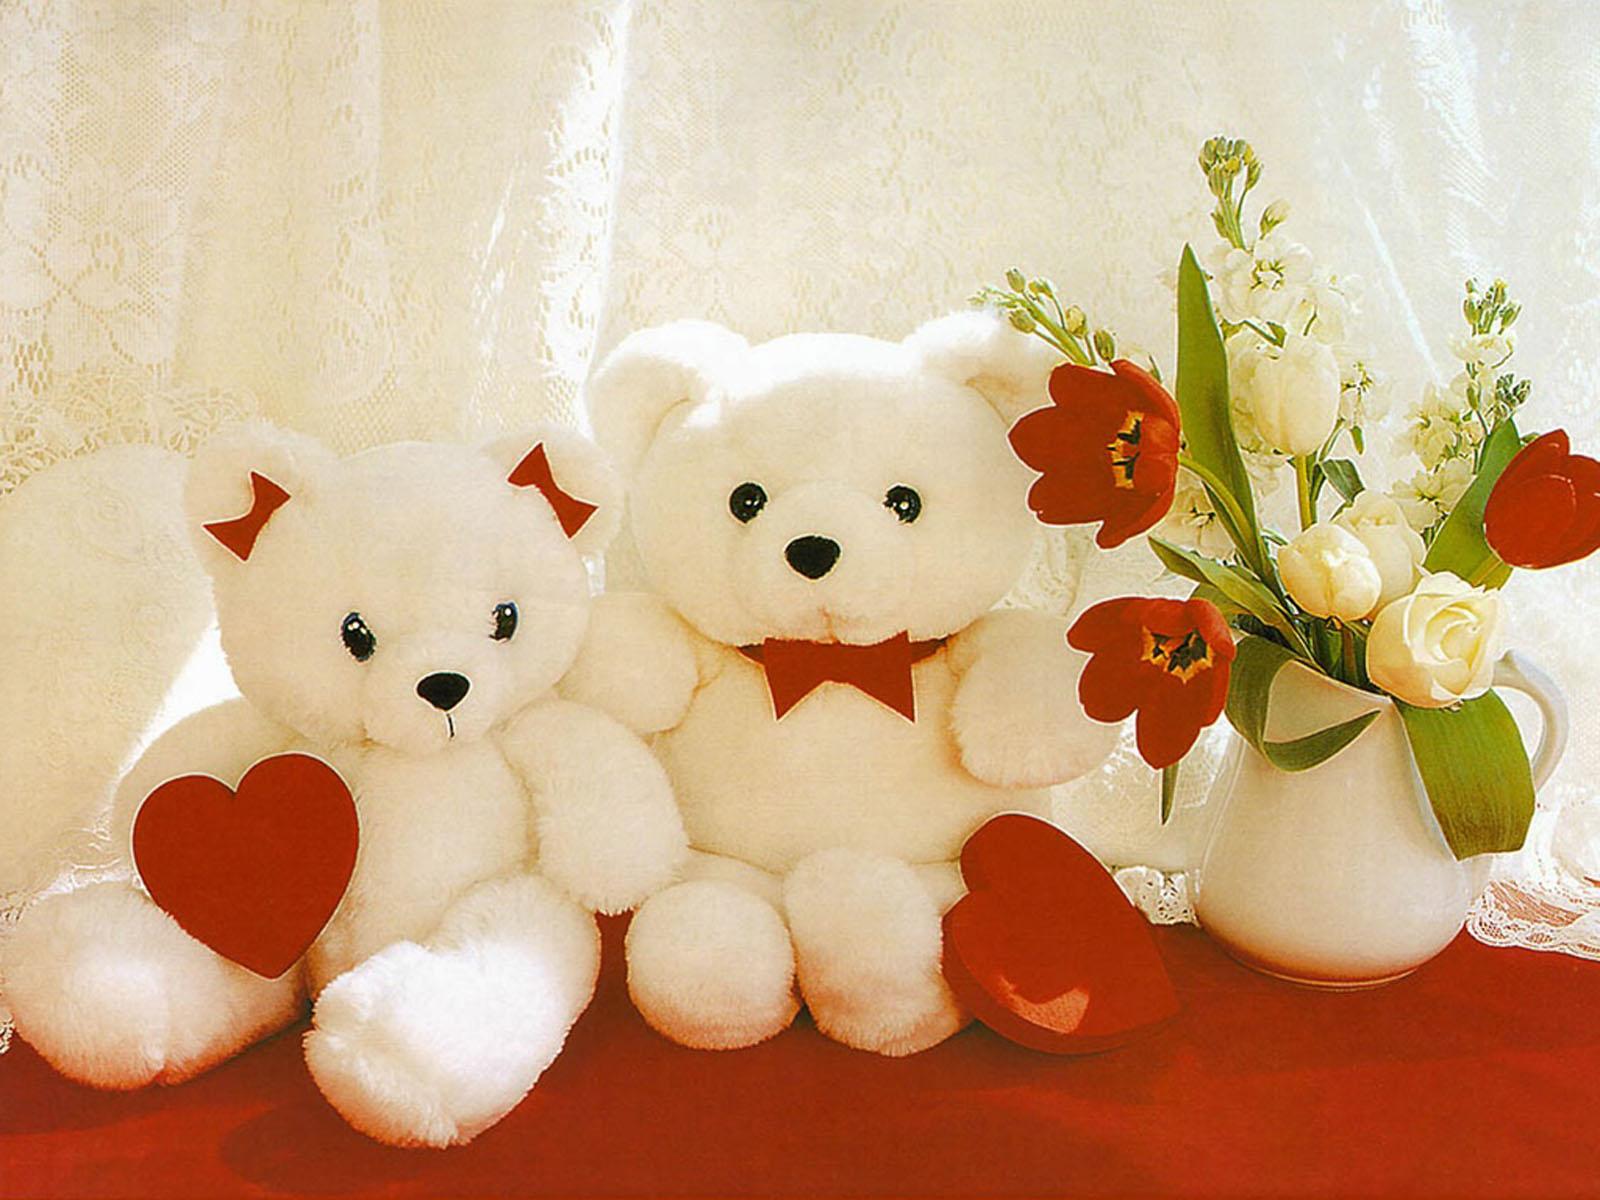 Cute Teddy Bear Wallpapers For Desktop Hd Size cute tedd 1600x1200